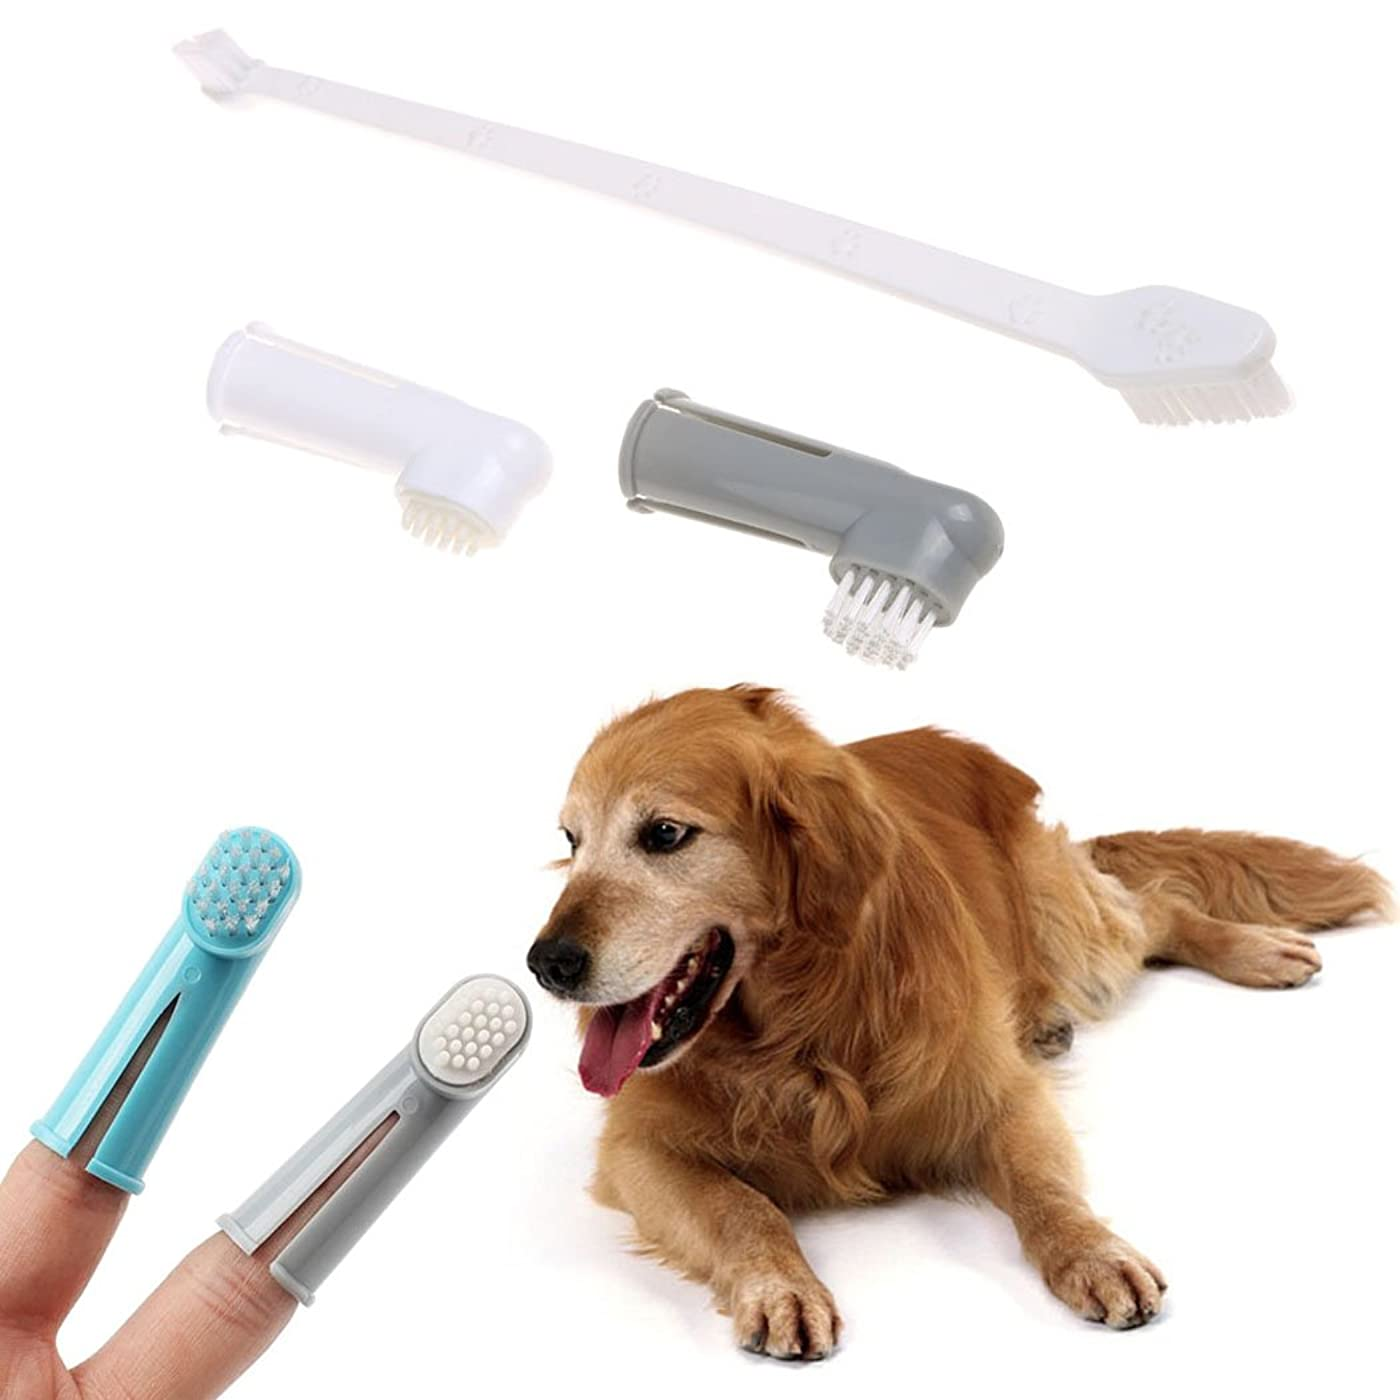 ペネロペ累積形Legendog ペットの歯ブラシ 犬用歯ブラシ 指歯 ブラシ 歯磨き ペット歯ケア用品 カラフル 3ピースセット(合計9個)